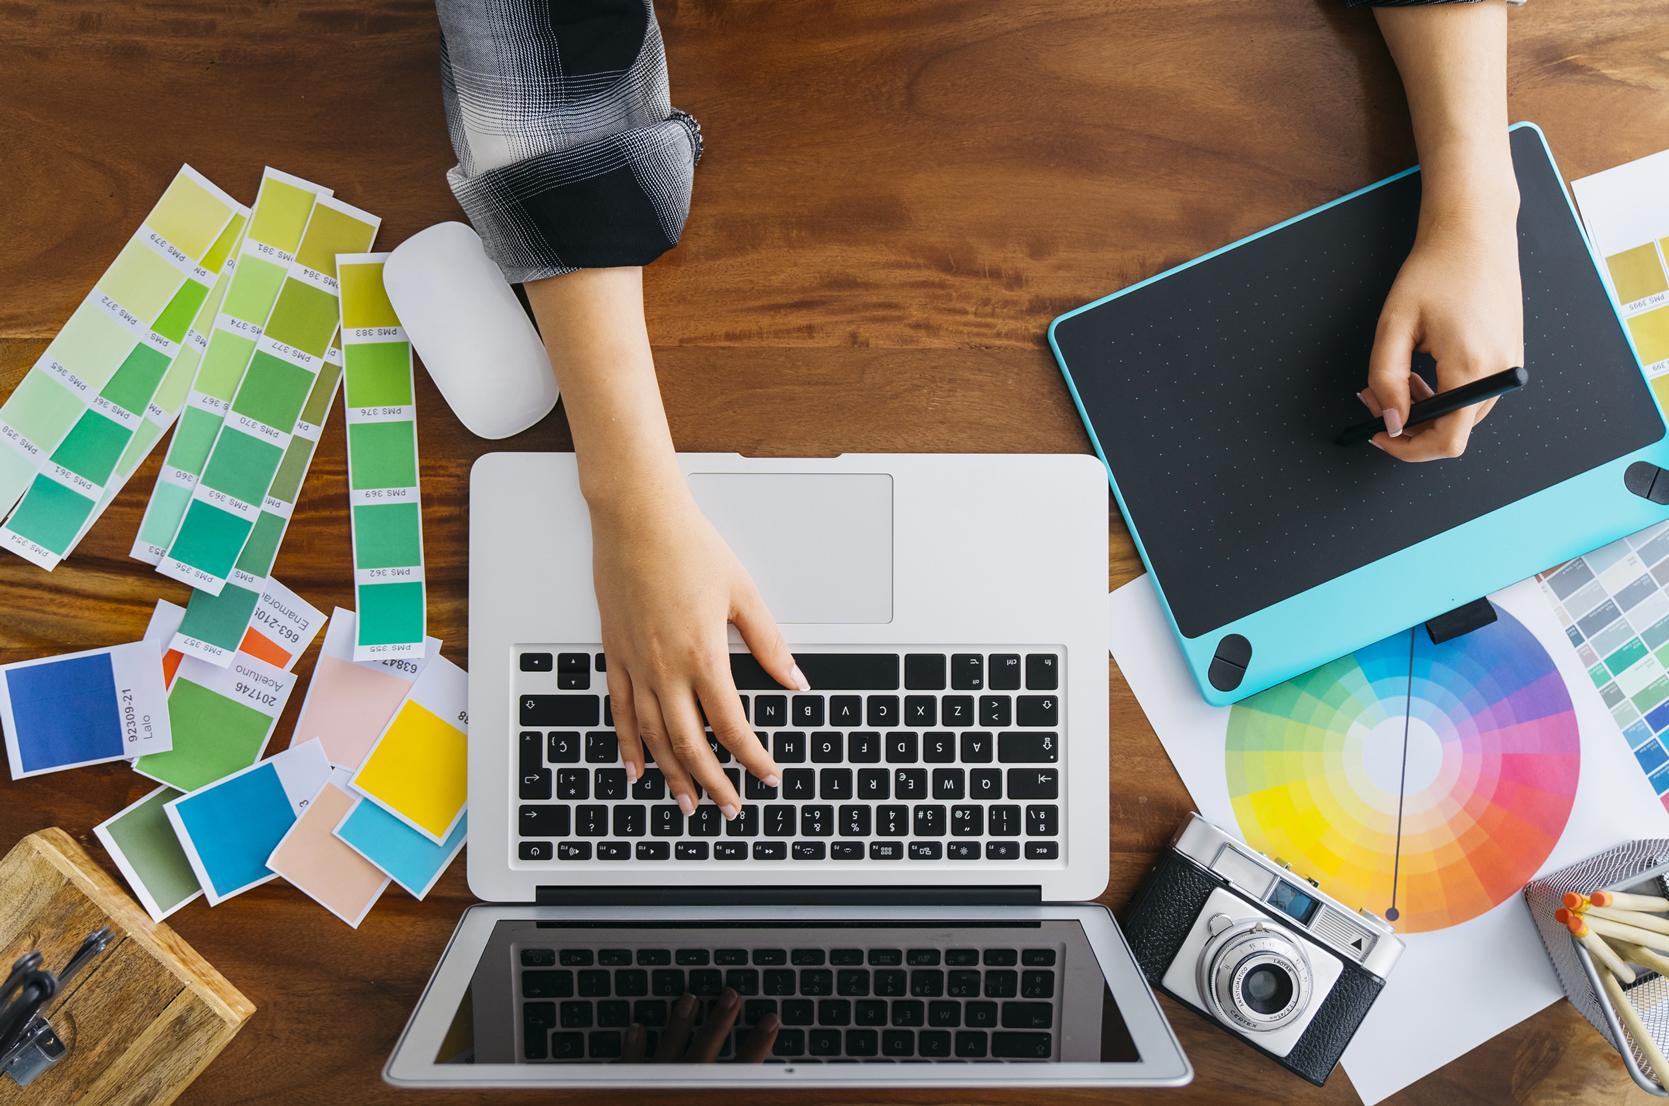 Dise o de logotipos material de impresi n merit designs for Diseno grafico universidades